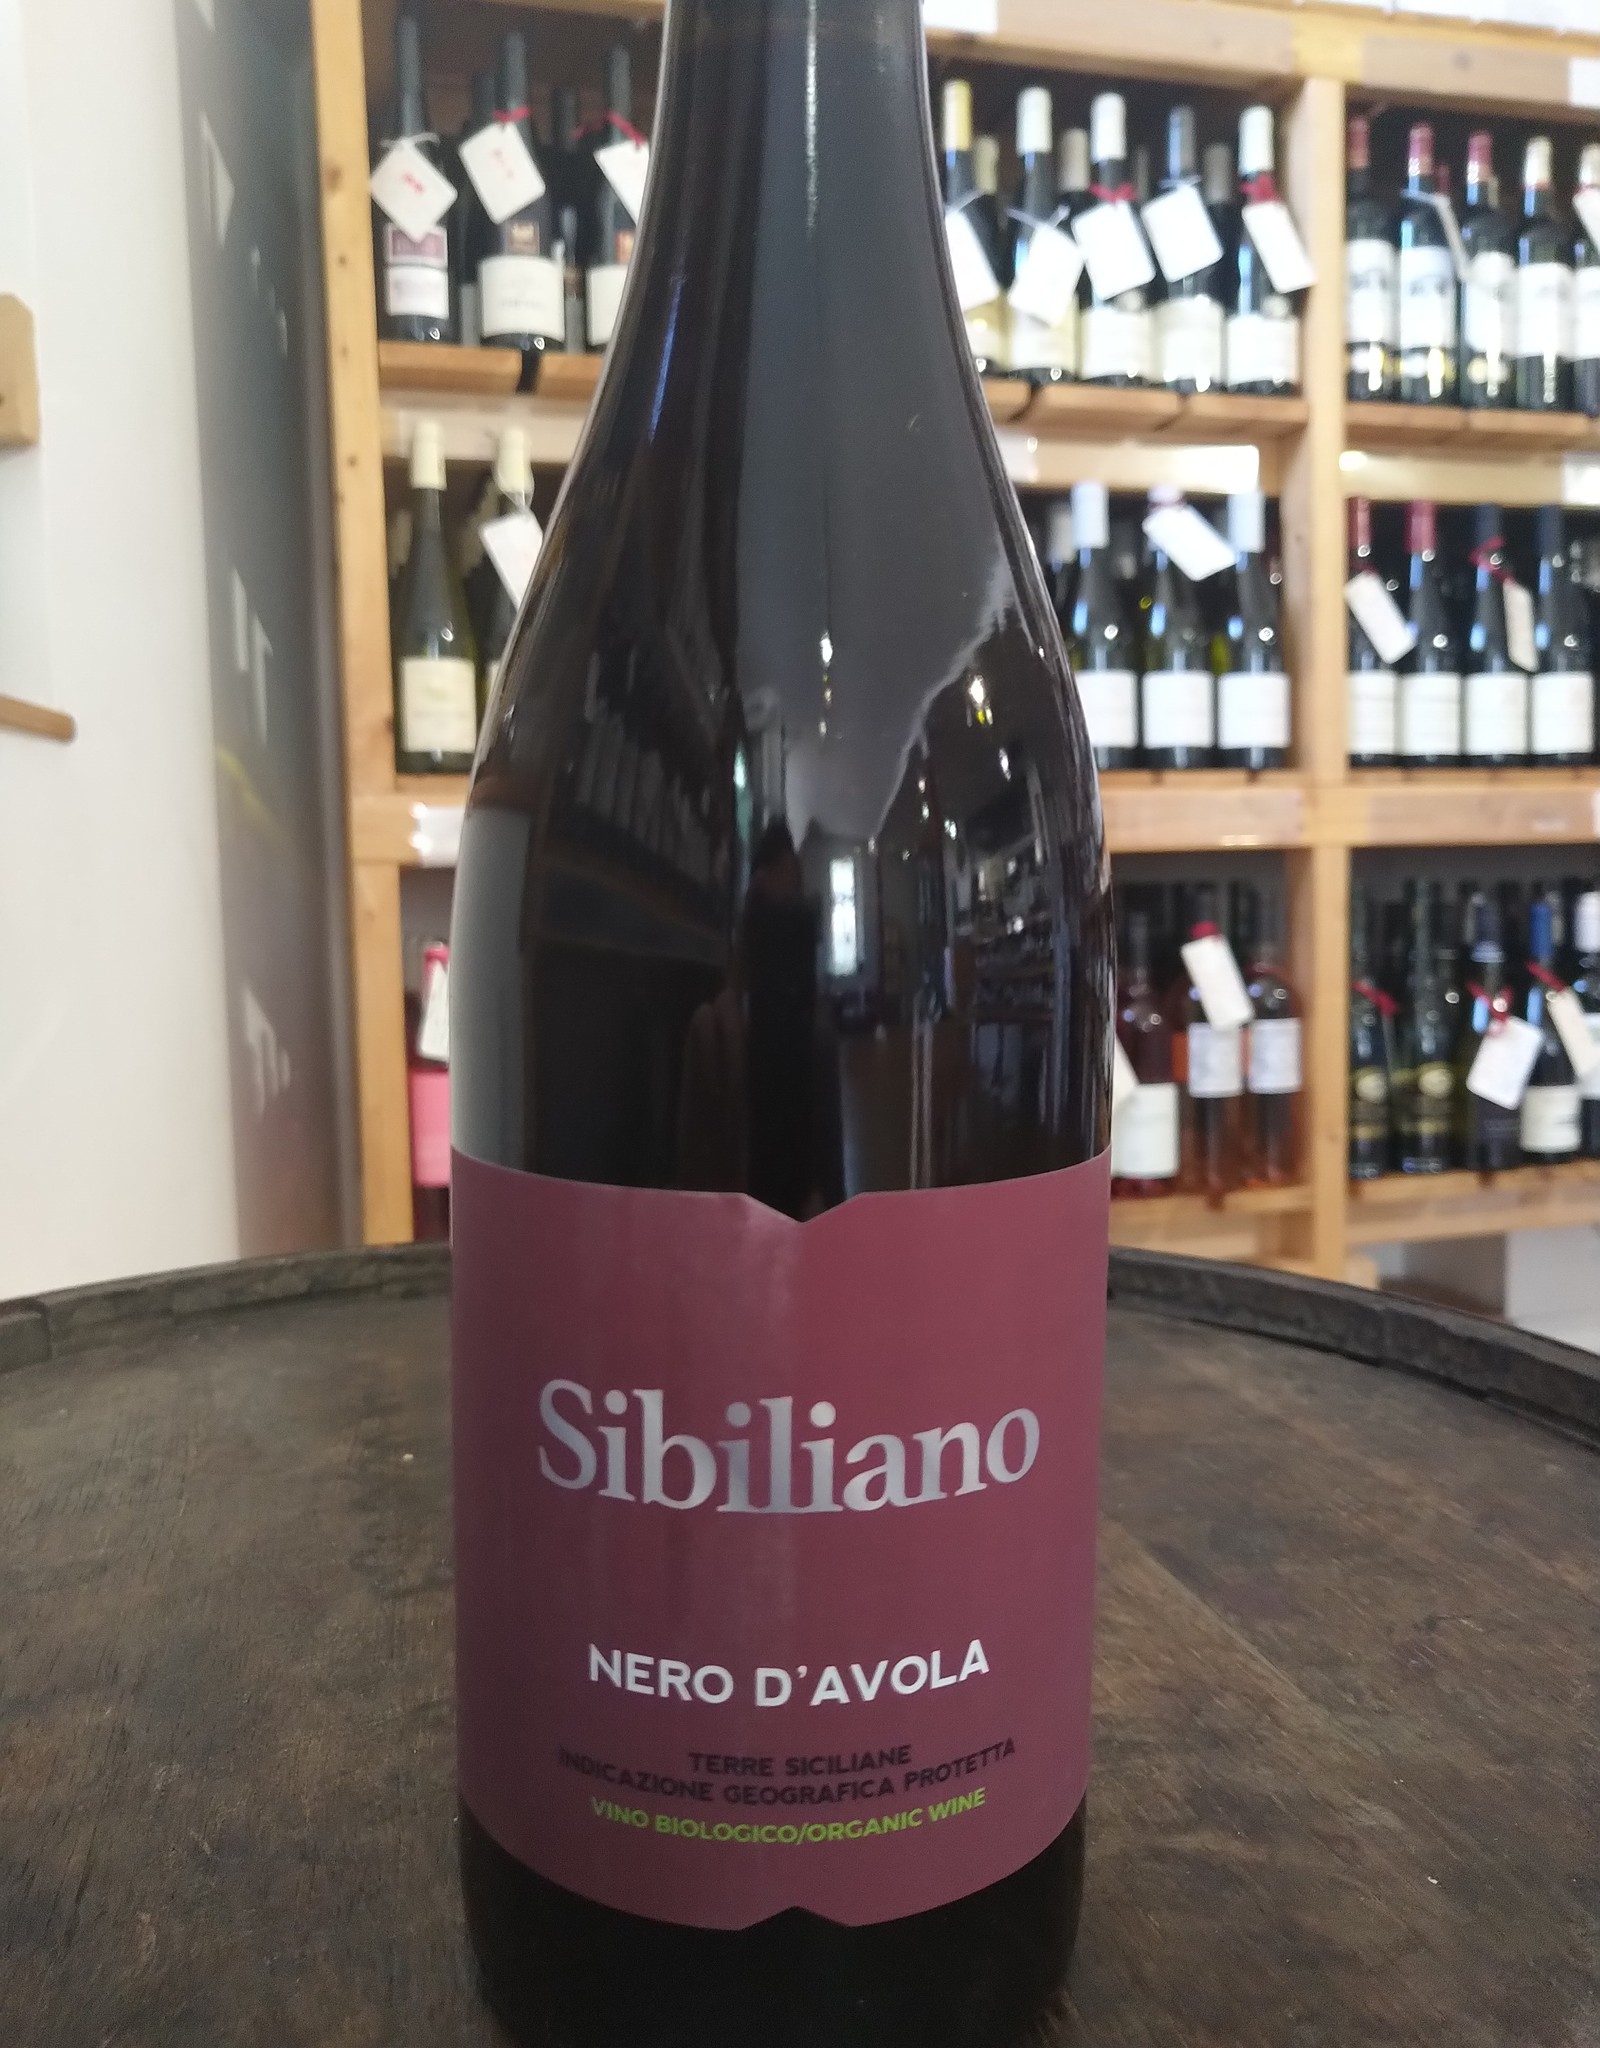 2019 Sibliano Nero d'Avola